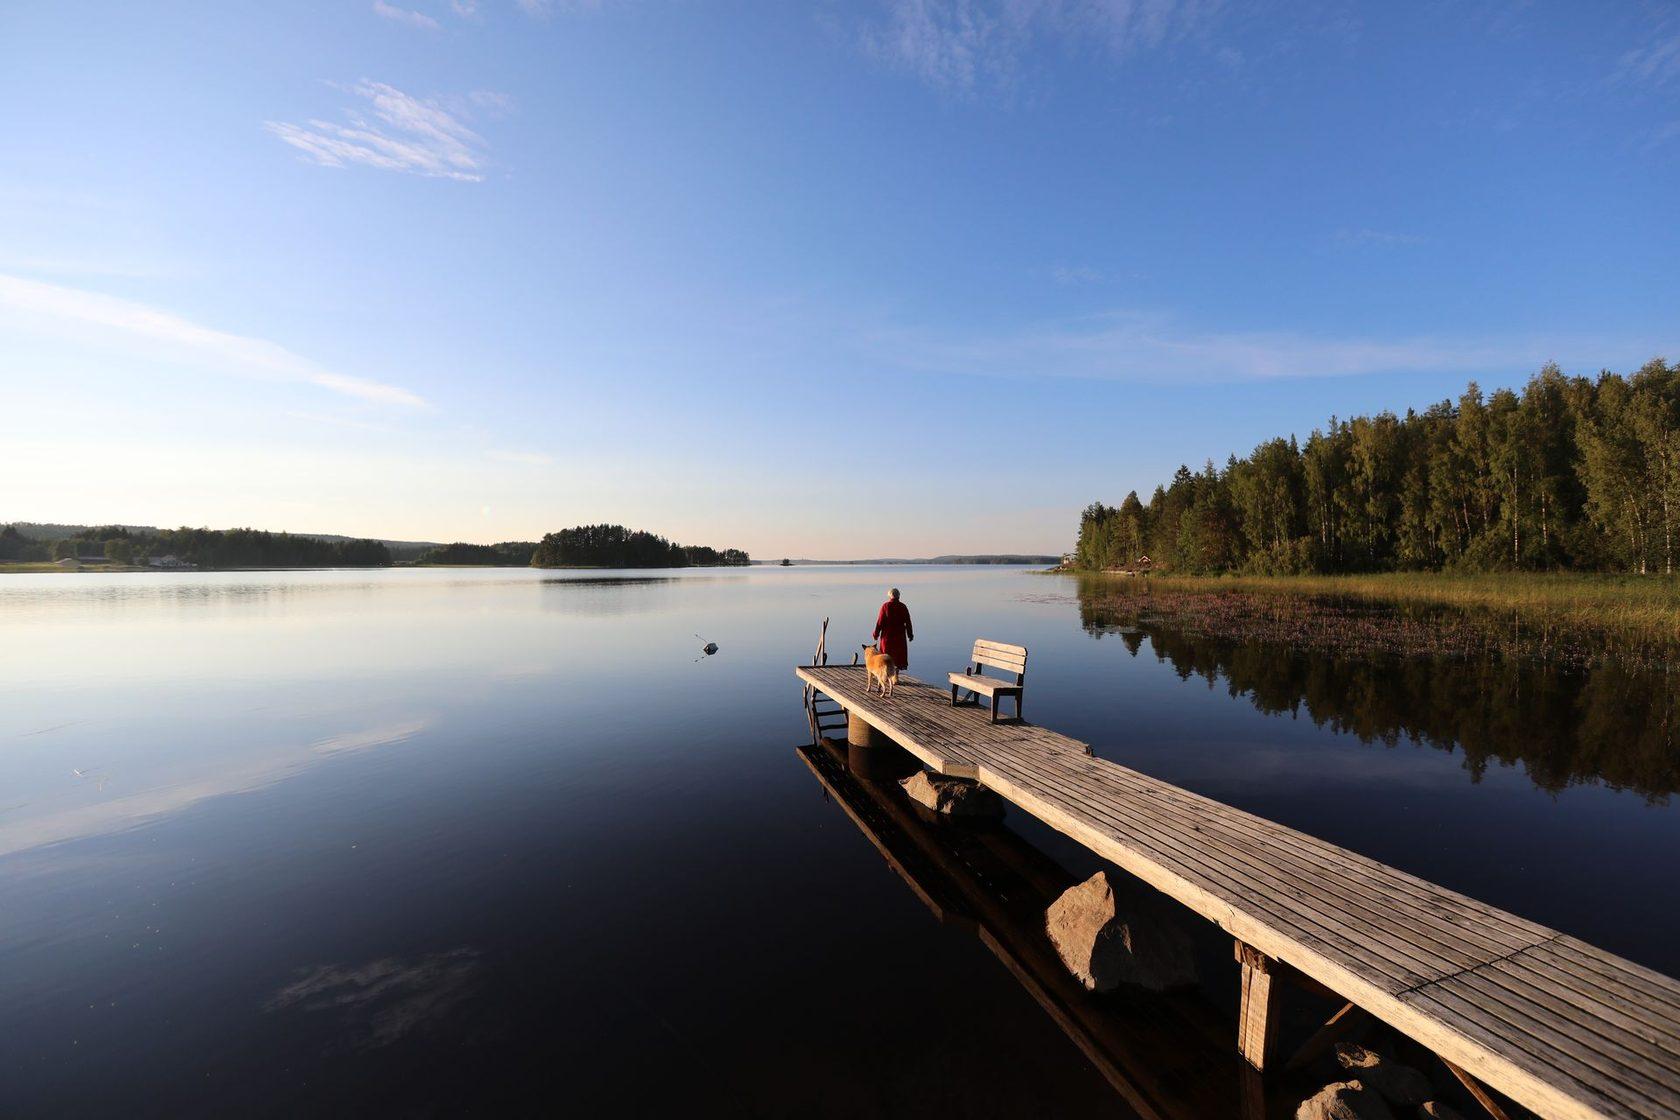 финская Северная Карелия, Укко-Коли, река Лиексайоки, спуск по реке, биатлон летом, Йоэнсуу, отдых в Финляндии, Северная Карелия Финляндия, visitkarelia.fi